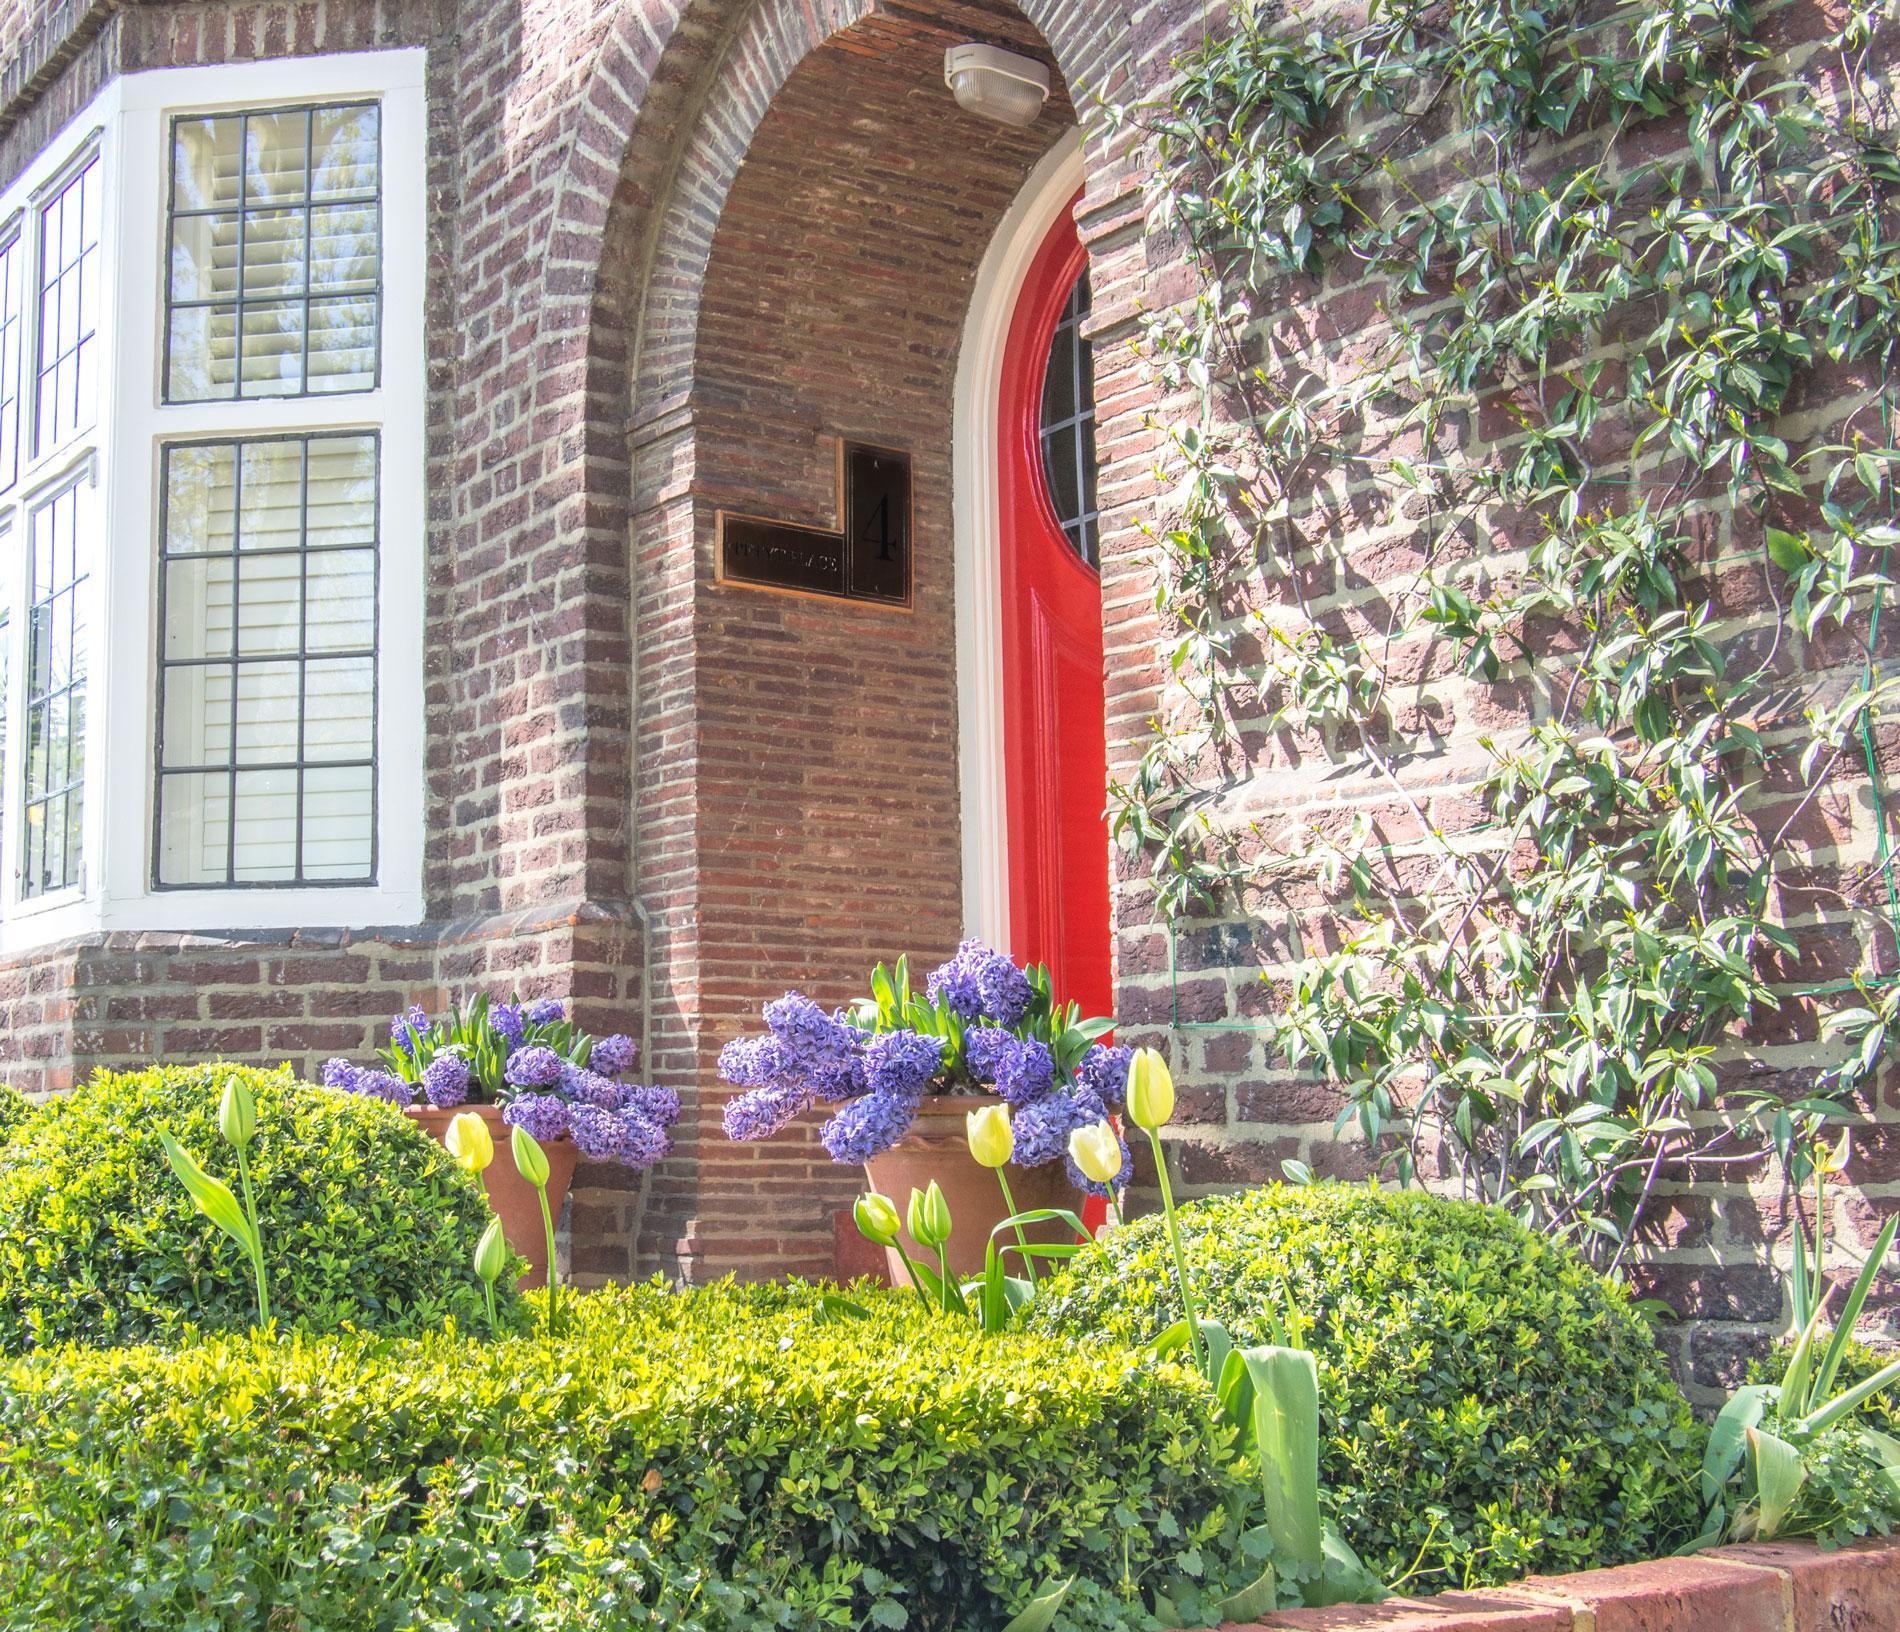 casa-puerta-roja.jpg